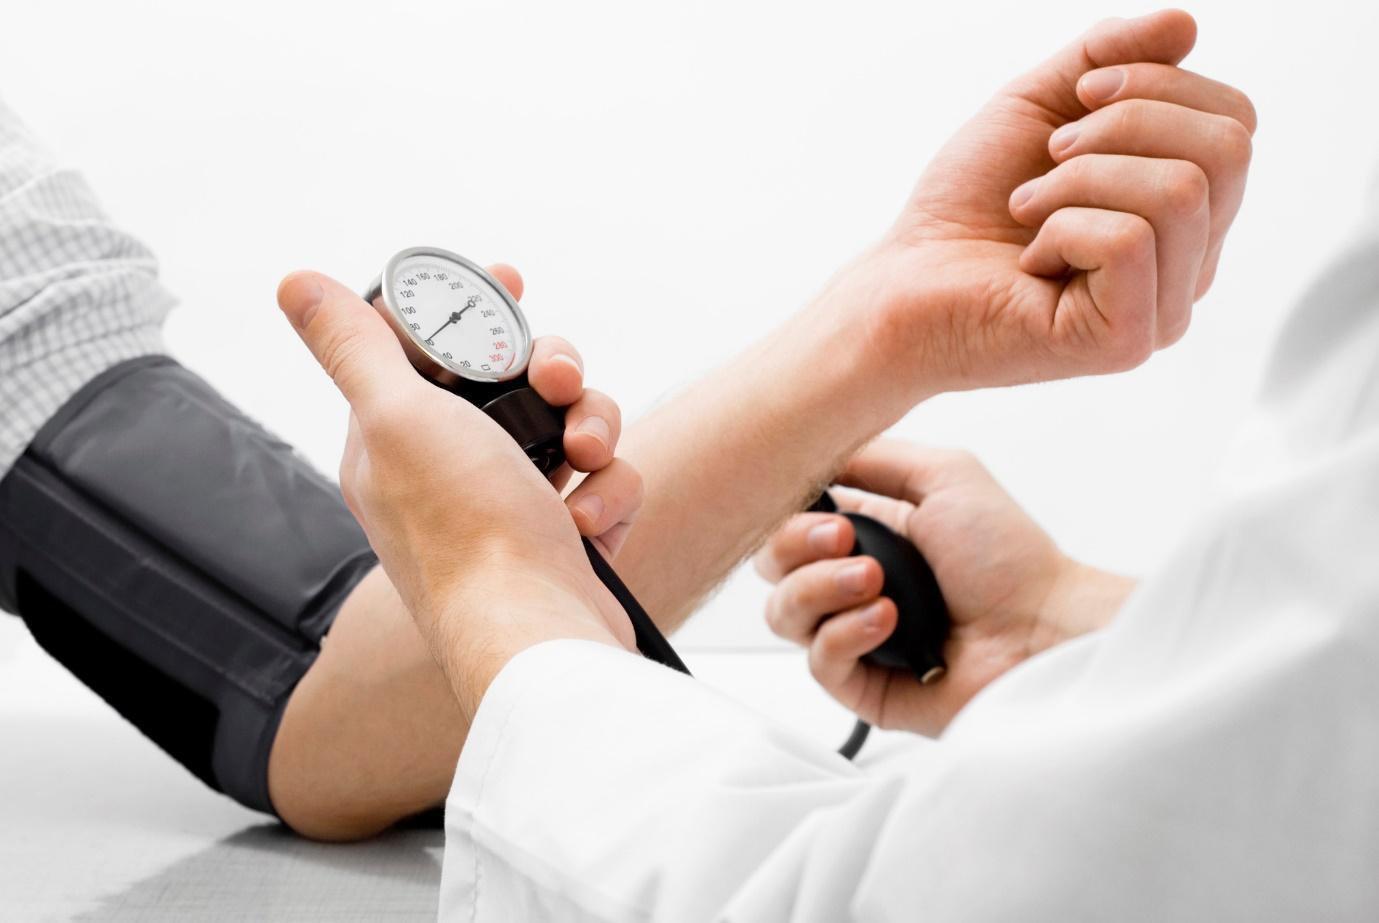 """Chuyên gia lý giải về vấn đề """"vòng xoắn"""" điều trị bệnh lý tăng huyết áp - suy thận - Ảnh 3."""